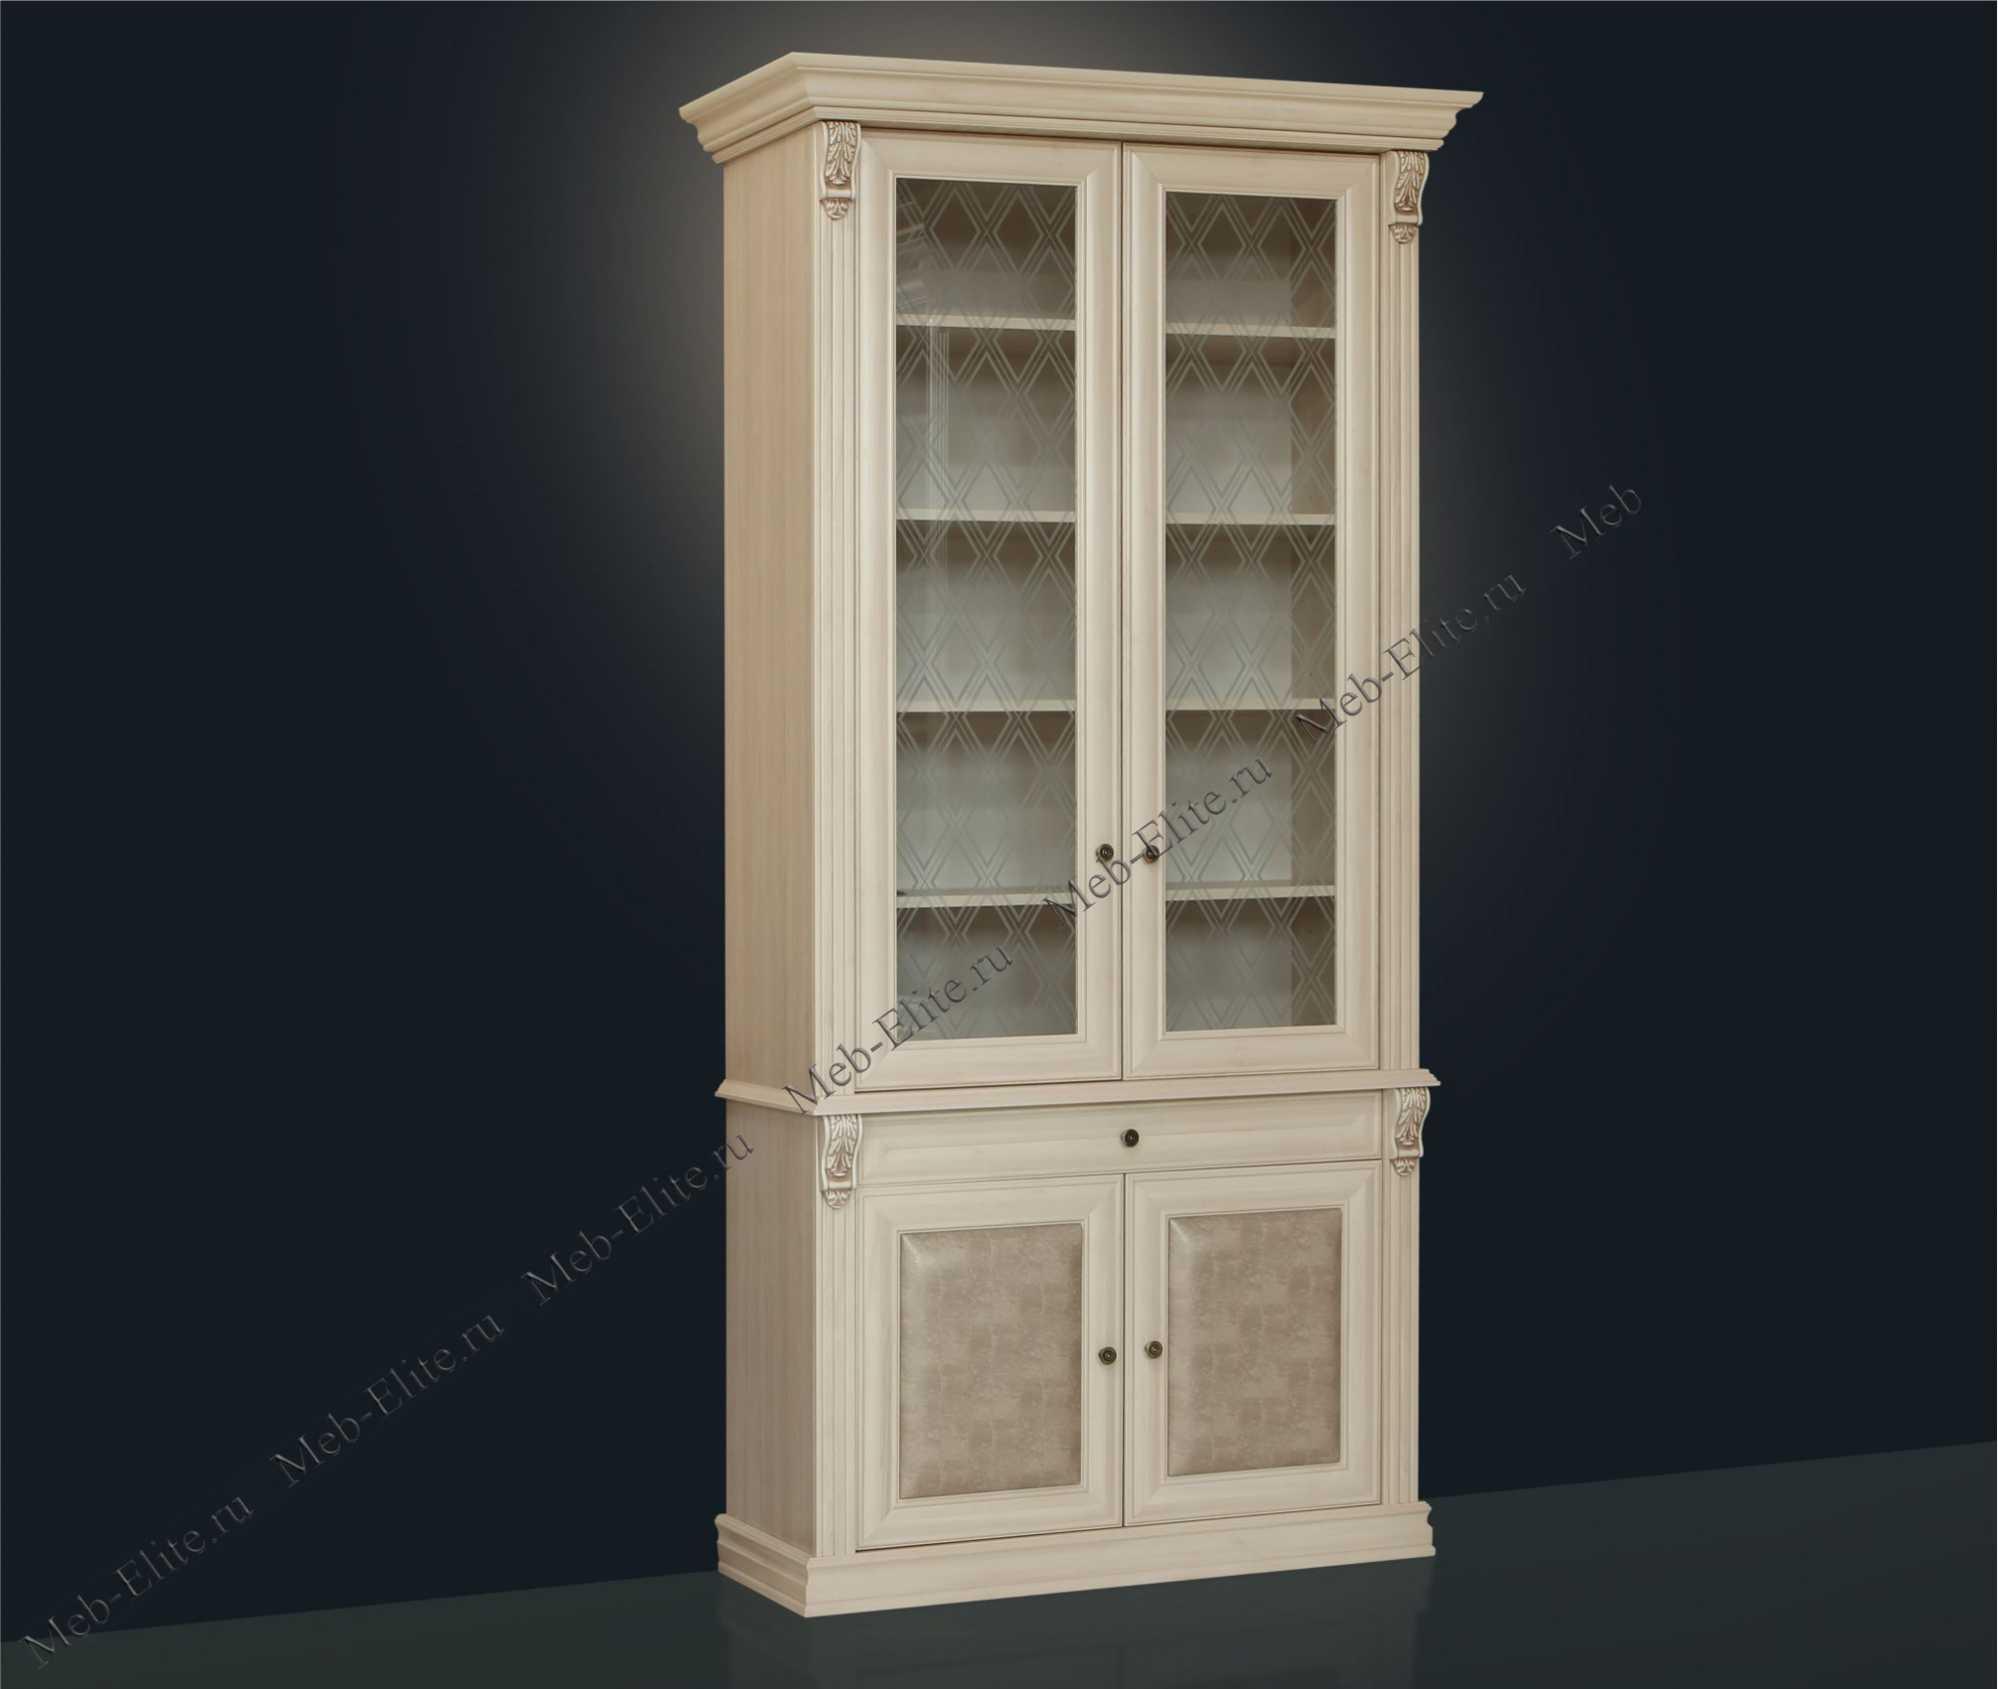 Благо книжный шкаф 2 дверный 5.15-6 - купить со склада в инт.